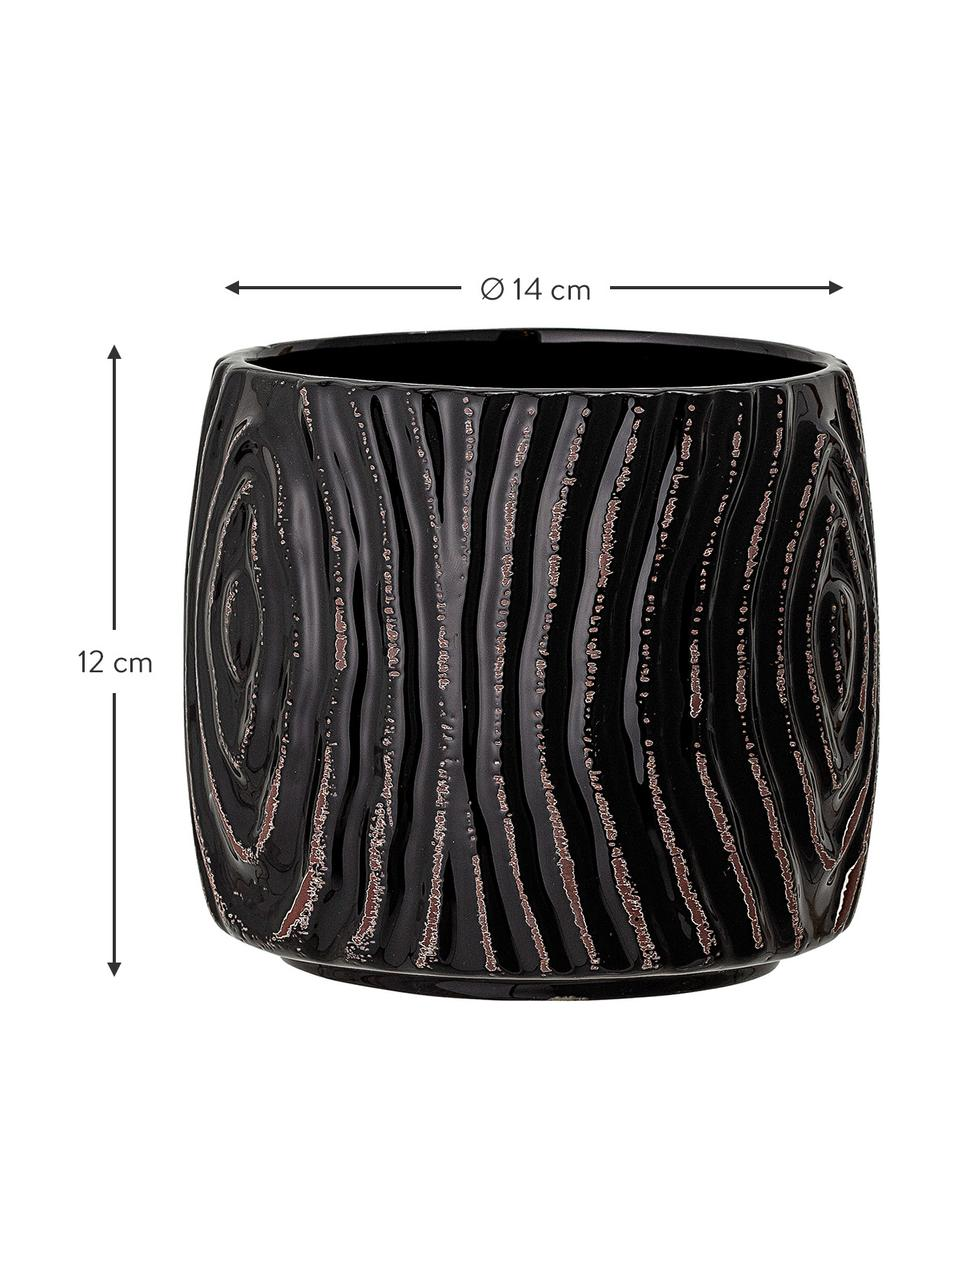 Kleiner Übertopf Hena aus Steingut, Steingut, Schwarz, Braun, Ø 14 x H 12 cm